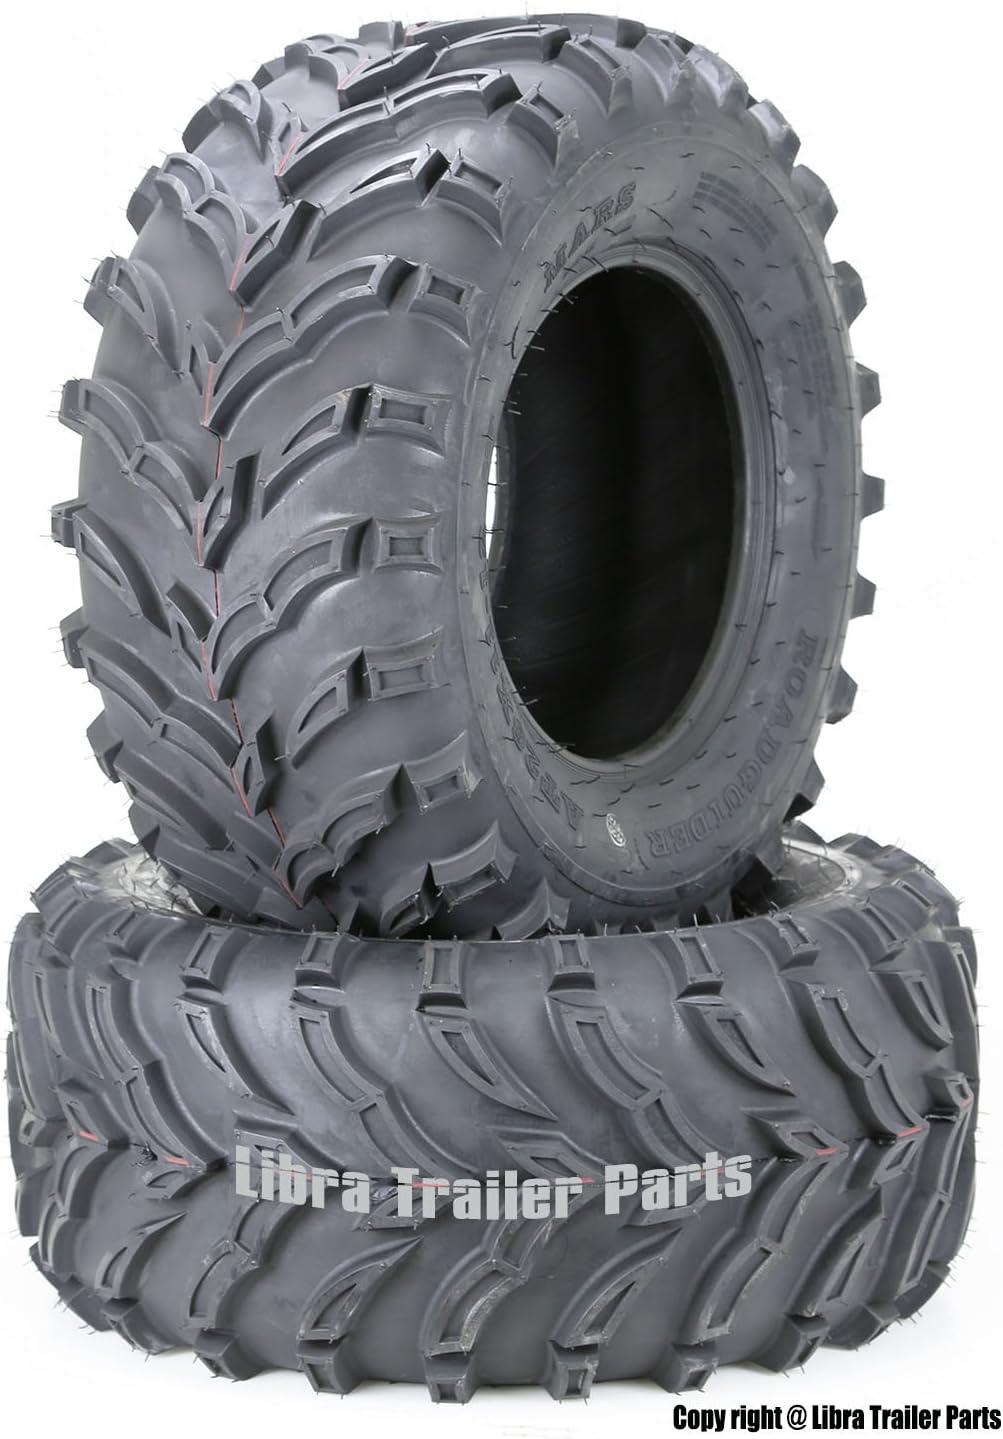 2 New ATV/UTV Tires 25x10-12 25x10x12 6PR 10273